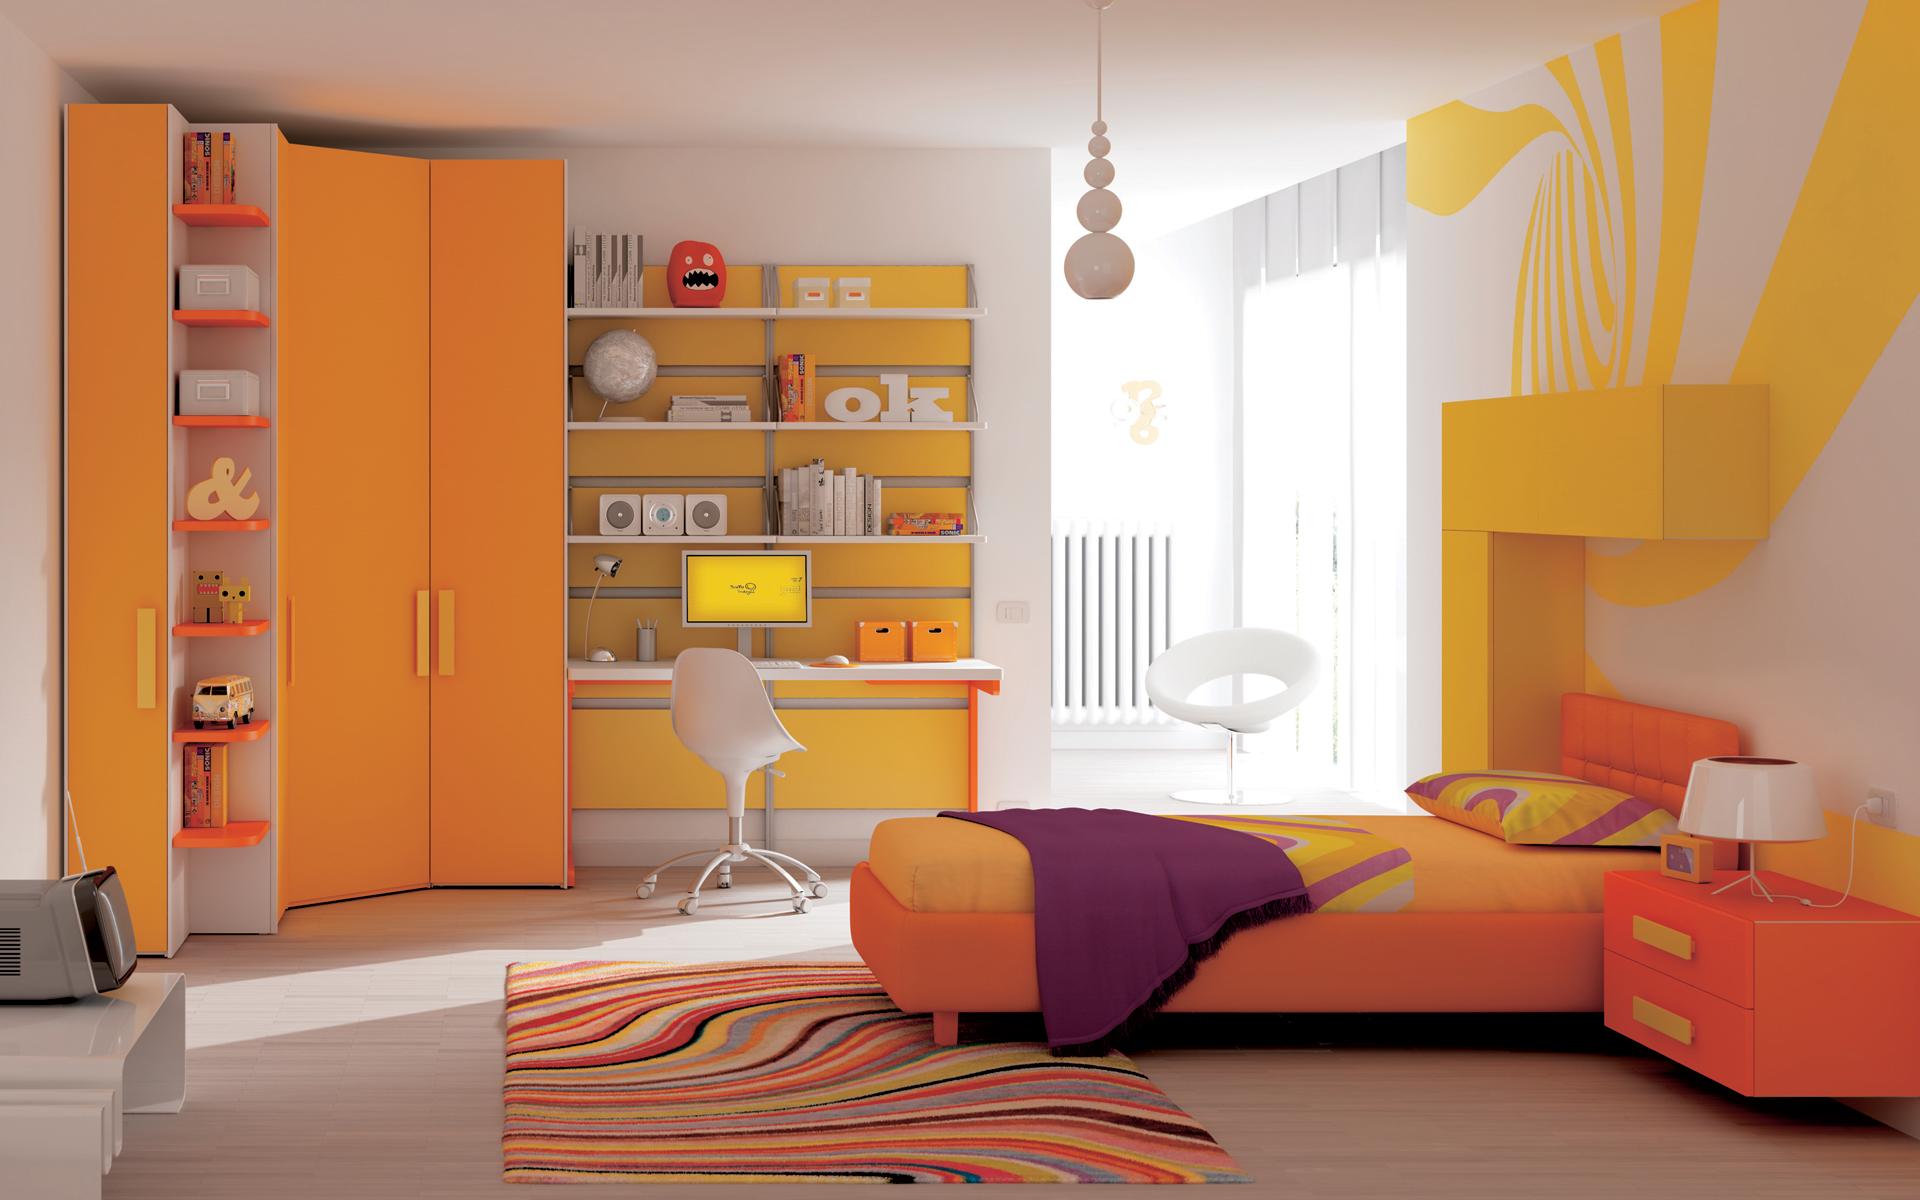 Cameretta Arancione E Gialla : Camerette per ragazzi e camere per bambinigruppo gradi